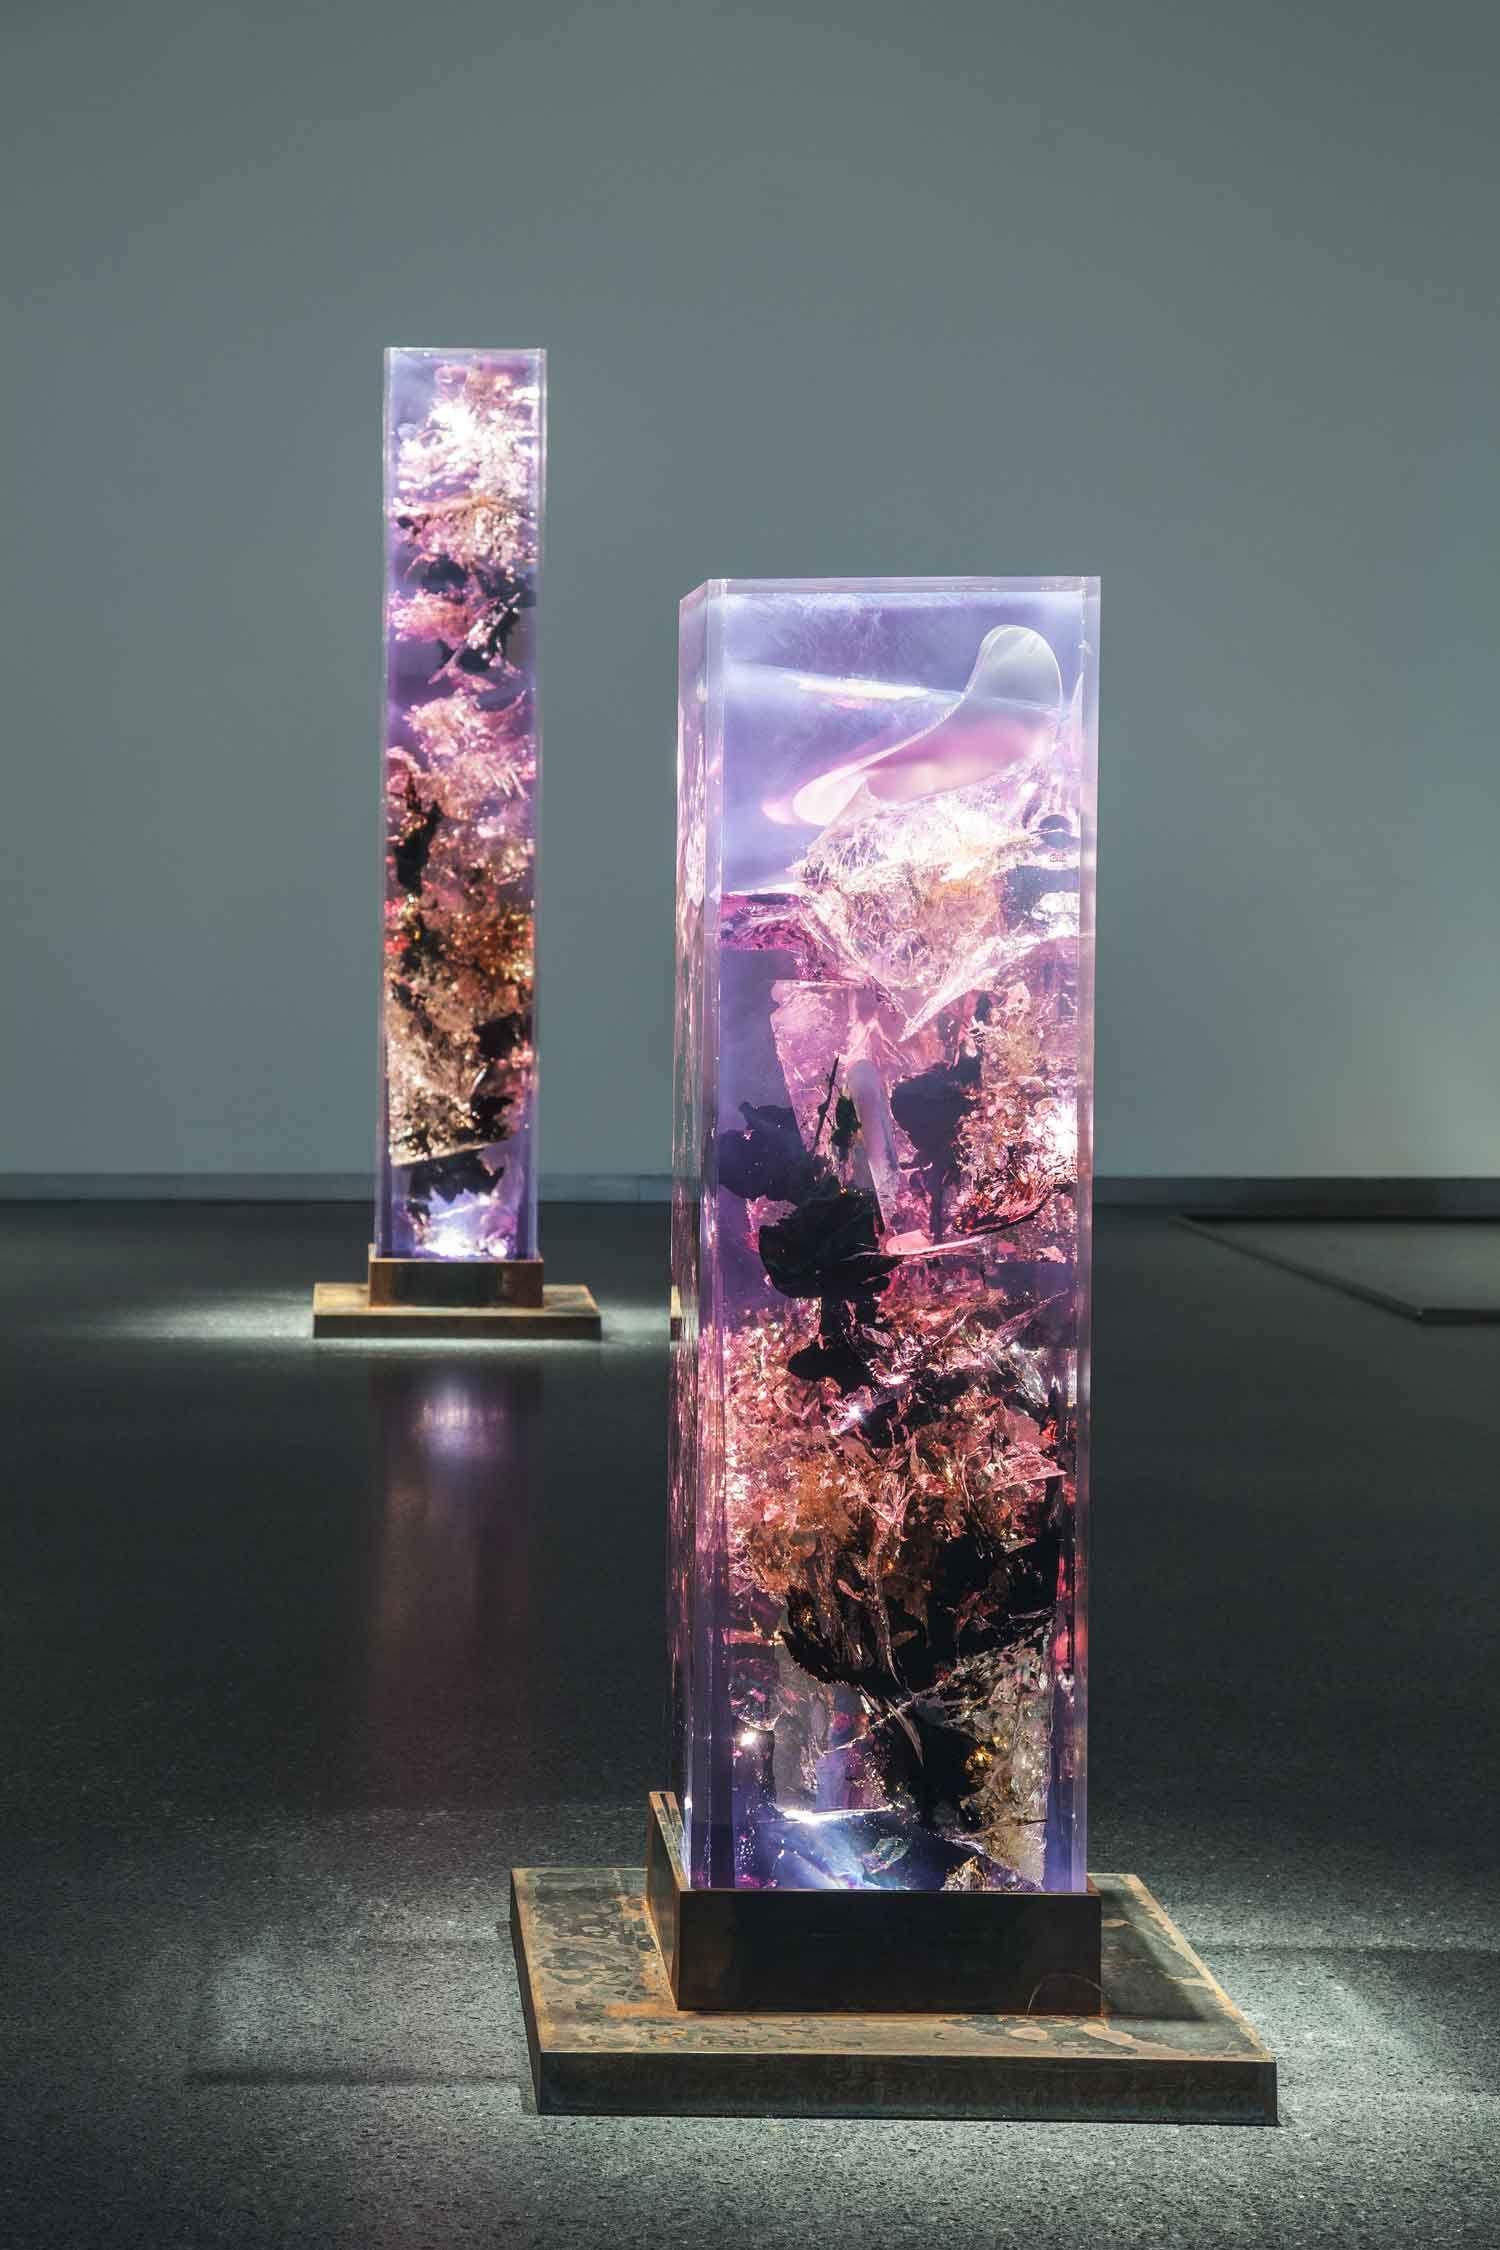 cd465725df2639606fd7c5cc295deb87 Luxe De Aquarium Plastique Conception